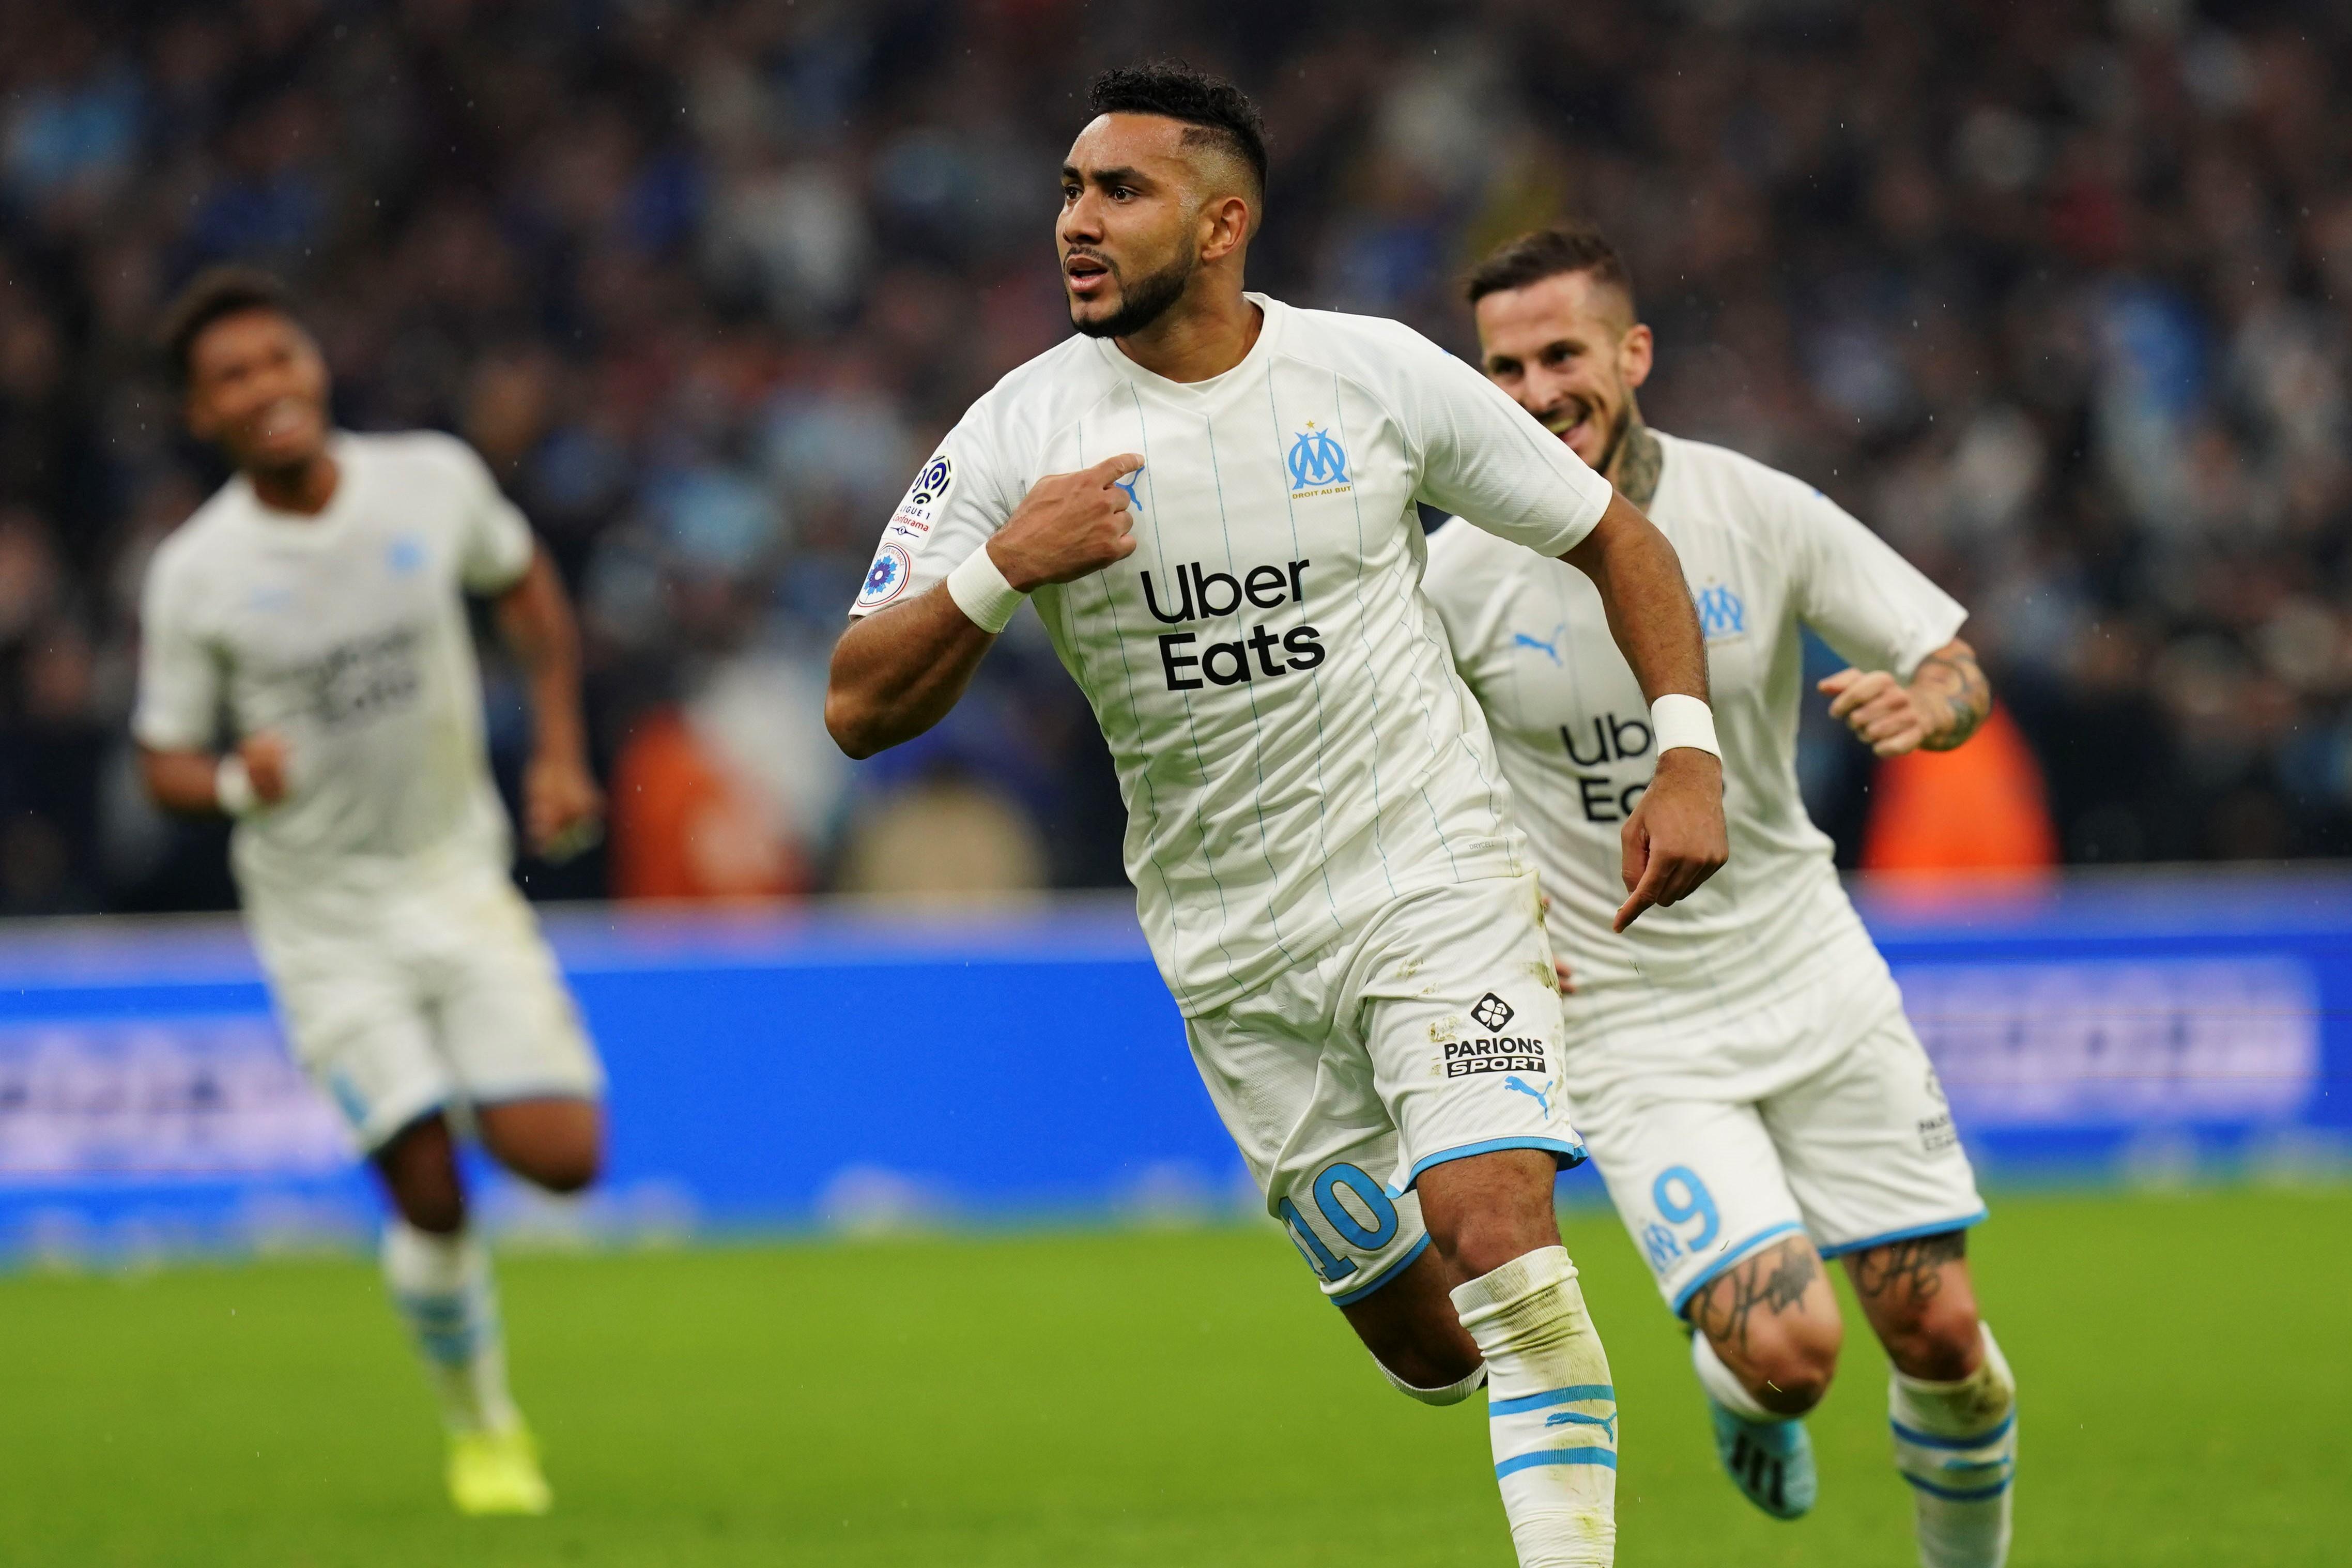 Football - Ligue 1 - Lyon-Marseille : le but du K.O. de Payet face à l'OL en novembre dernier